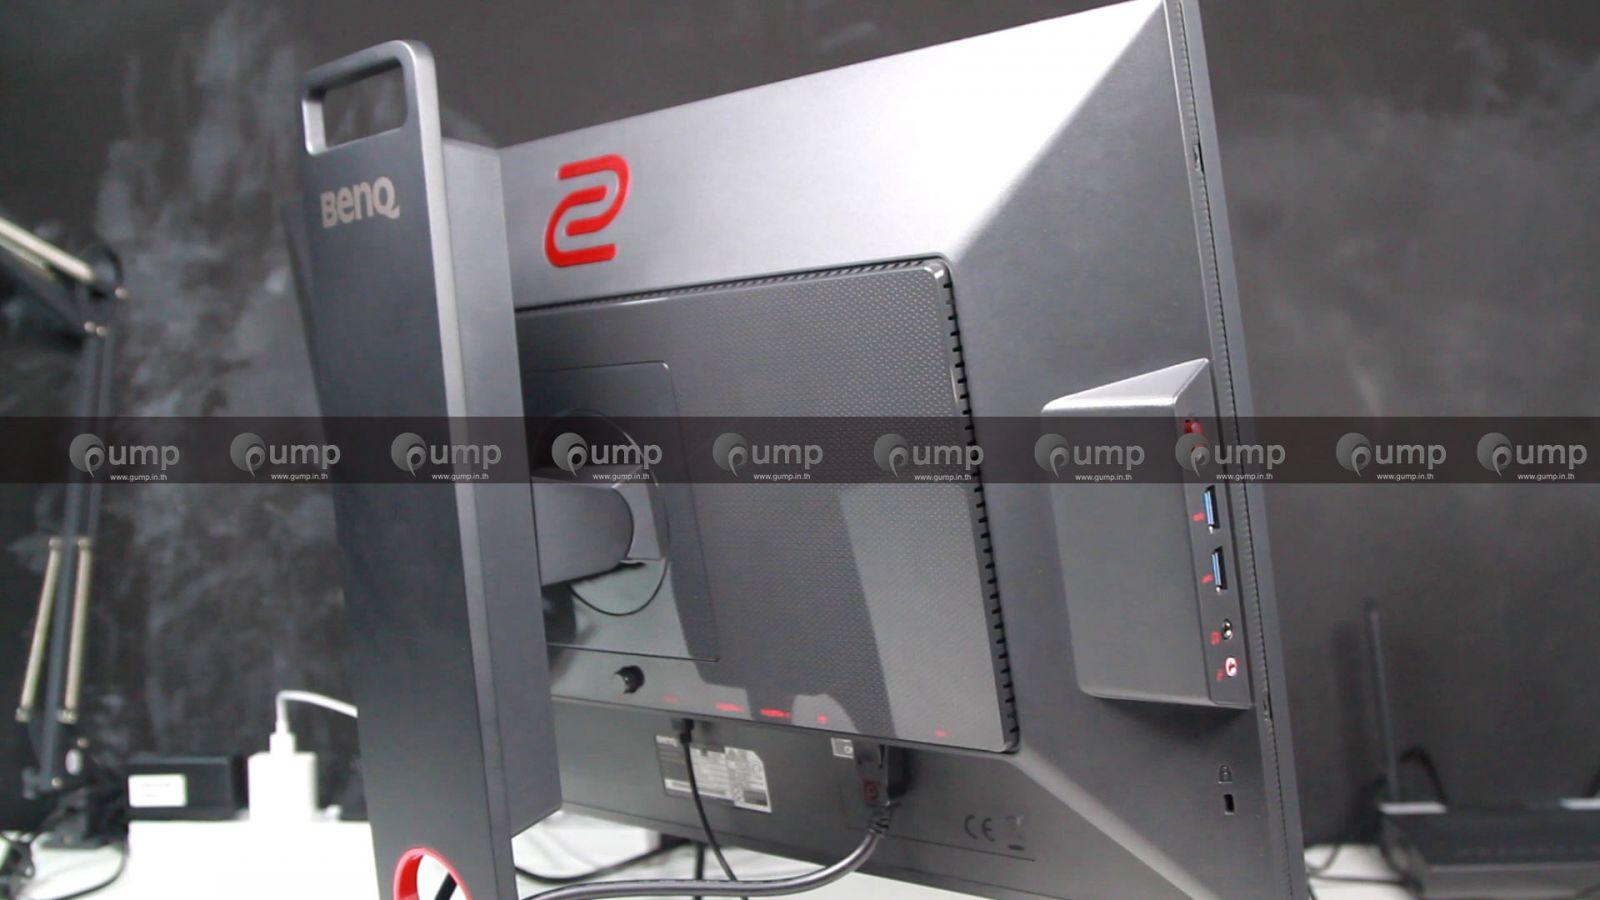 รีวิว-Review] Benq Zowie XL2536 Dyac - GUMP IN TH